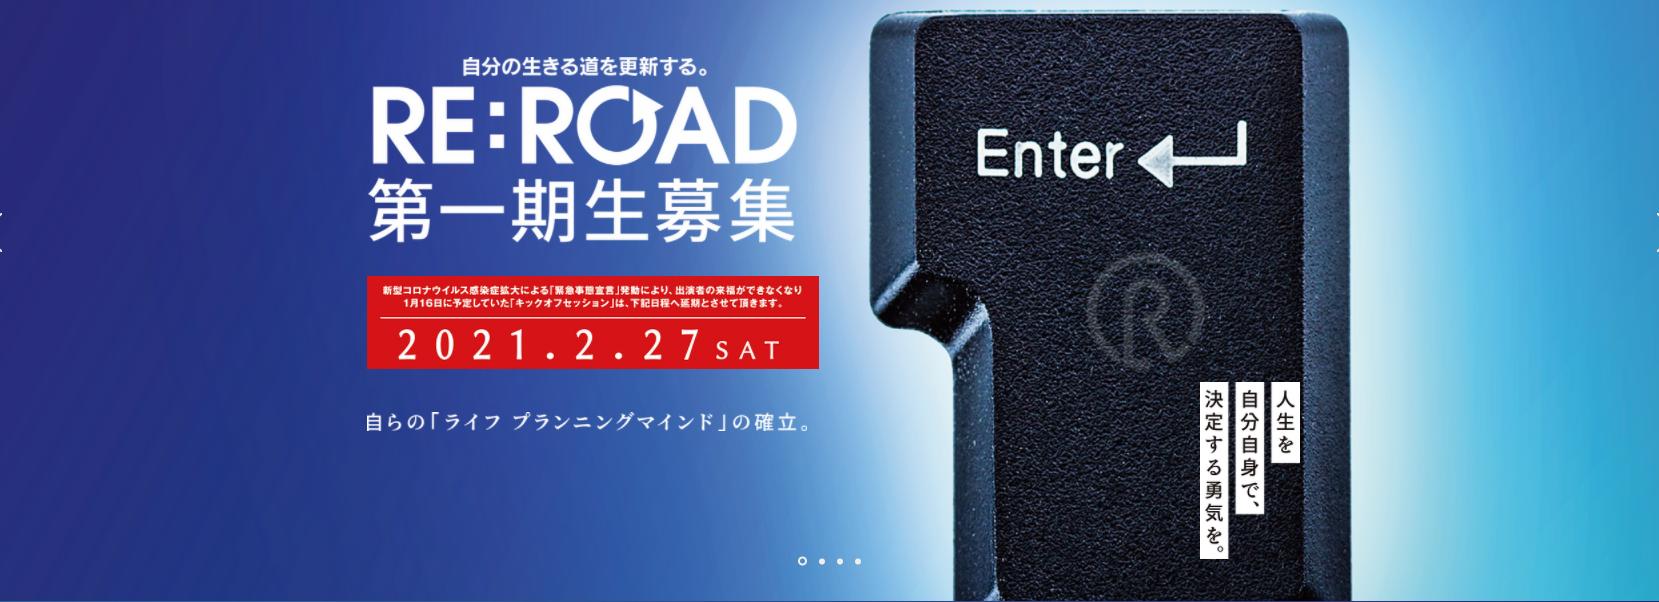 【お知らせ】代表・田中がリモート・アカデミー「RE:ROAD 」へメンター参画